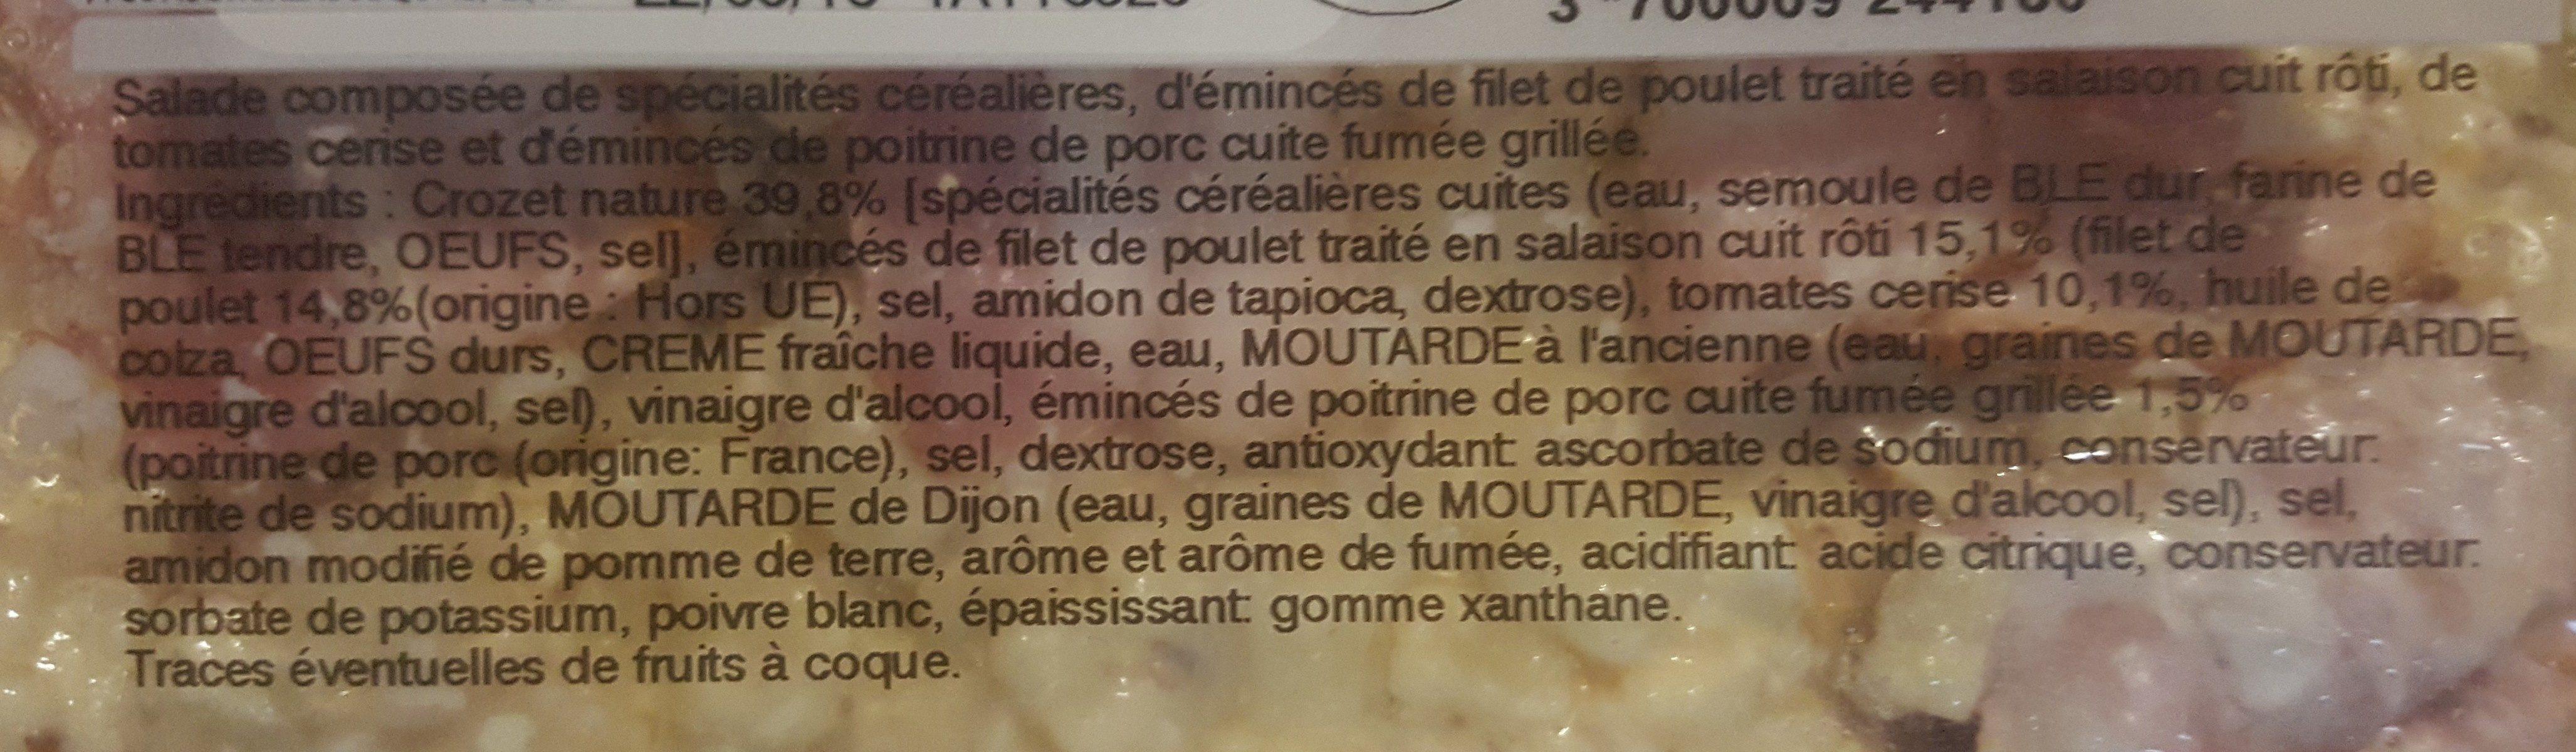 Salade de crozets au poulet et bacon - Ingrédients